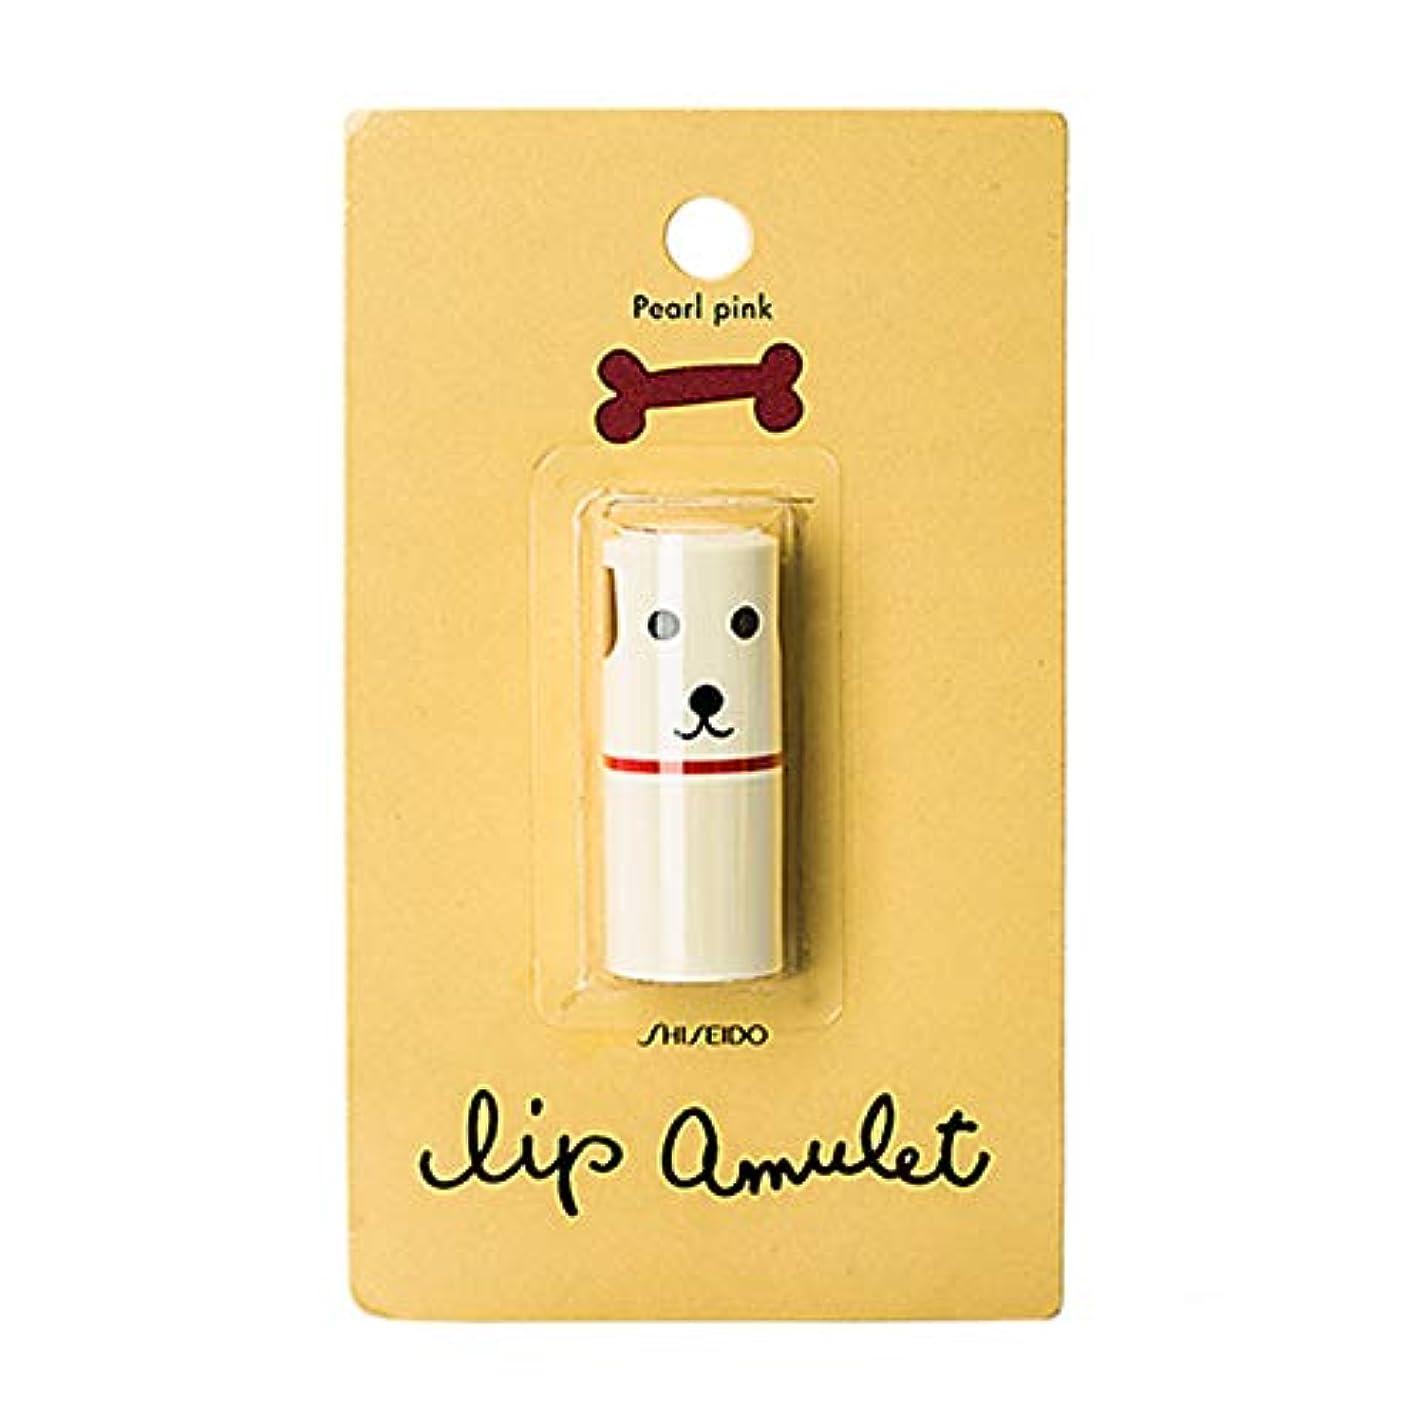 その他フィルタ青写真【台湾限定】資生堂 Shiseido リップアミュレット Lip Amulet お土産 コスメ 色つきリップ 単品 珍珠粉紅 (パールピンク) [並行輸入品]